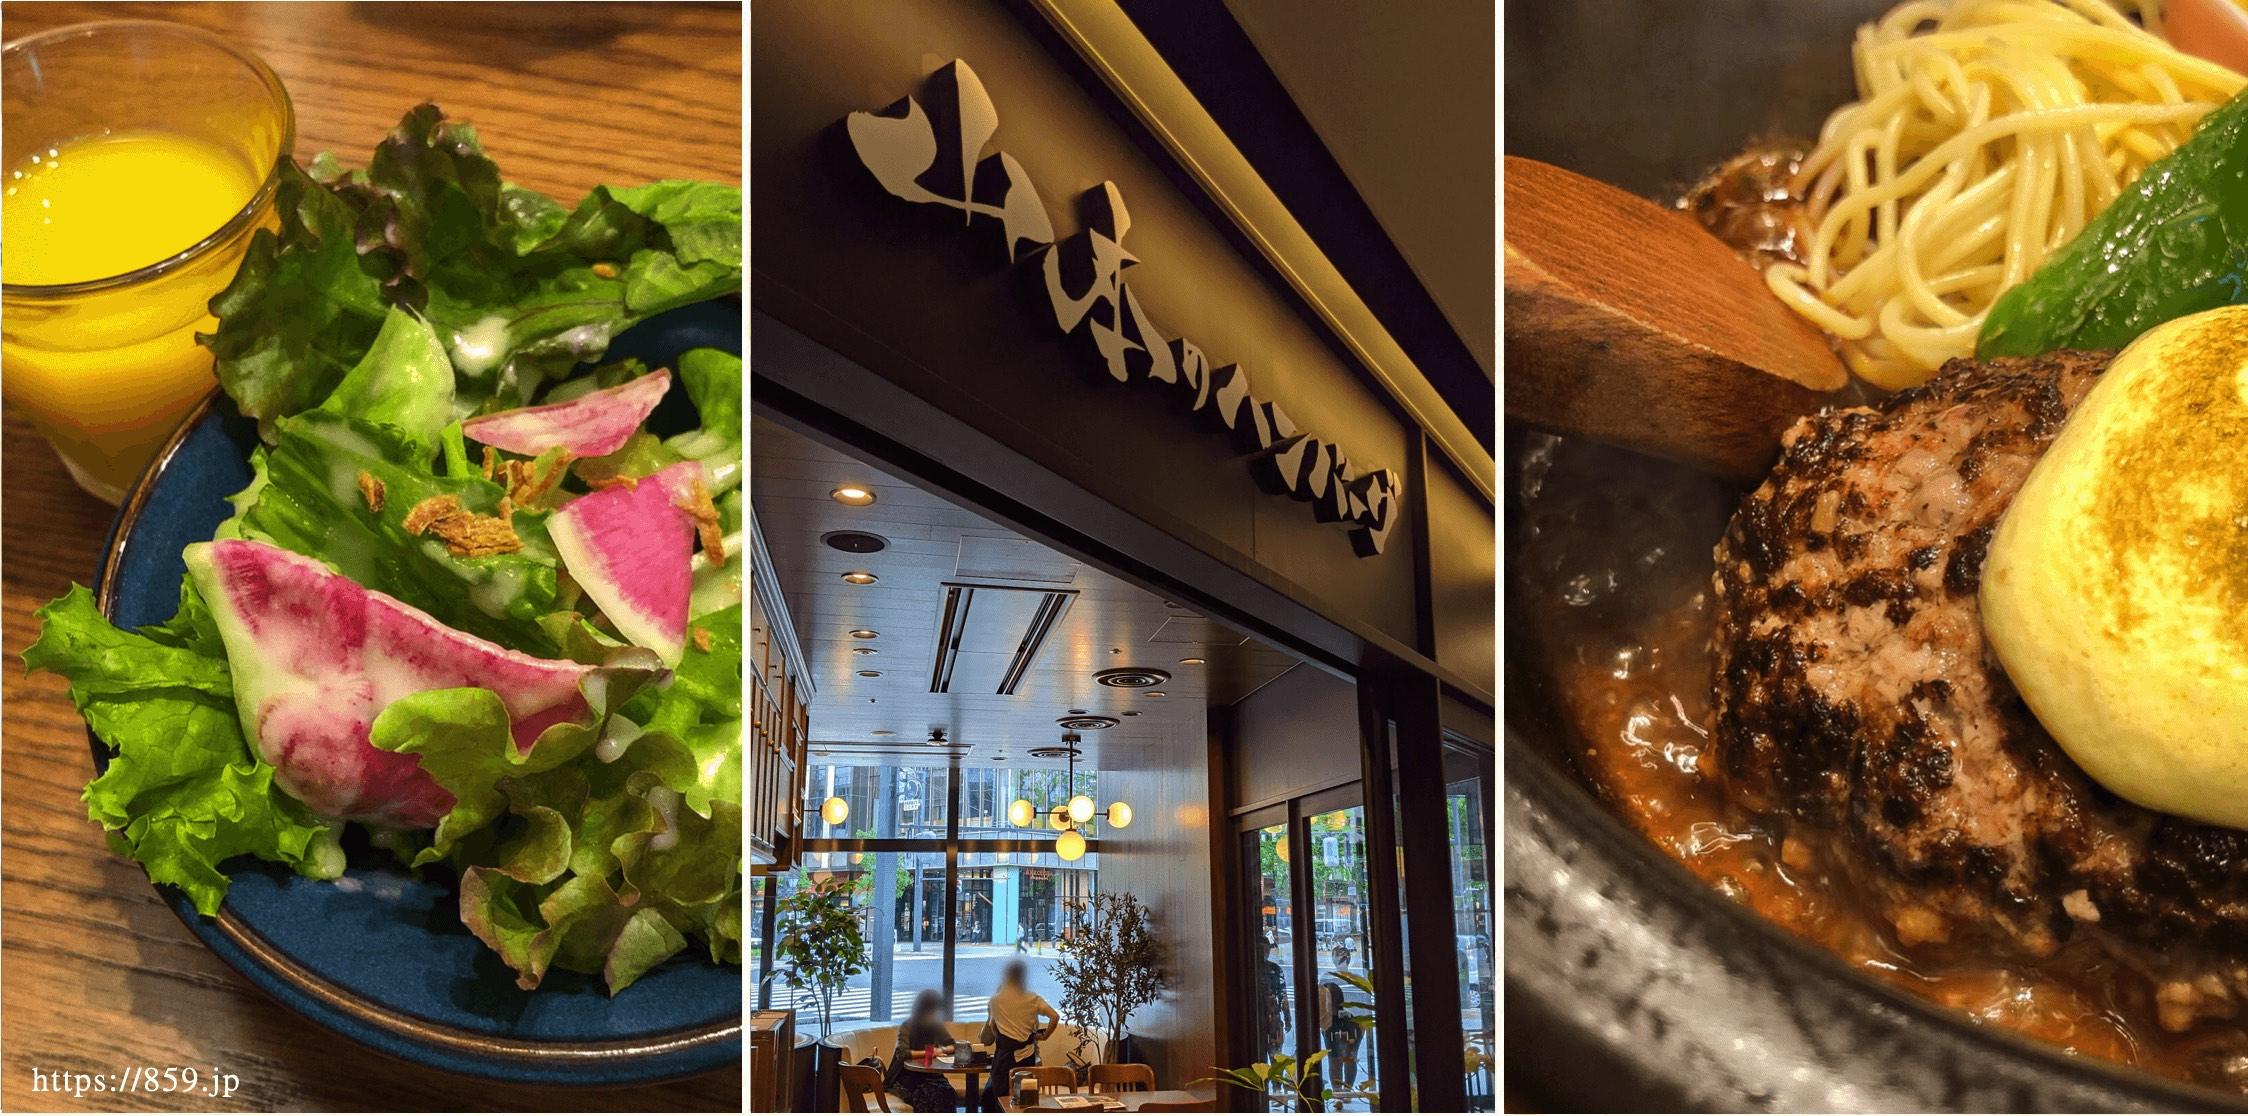 ミレドのハンバーグ!山本のハンバーグ札幌miredo店